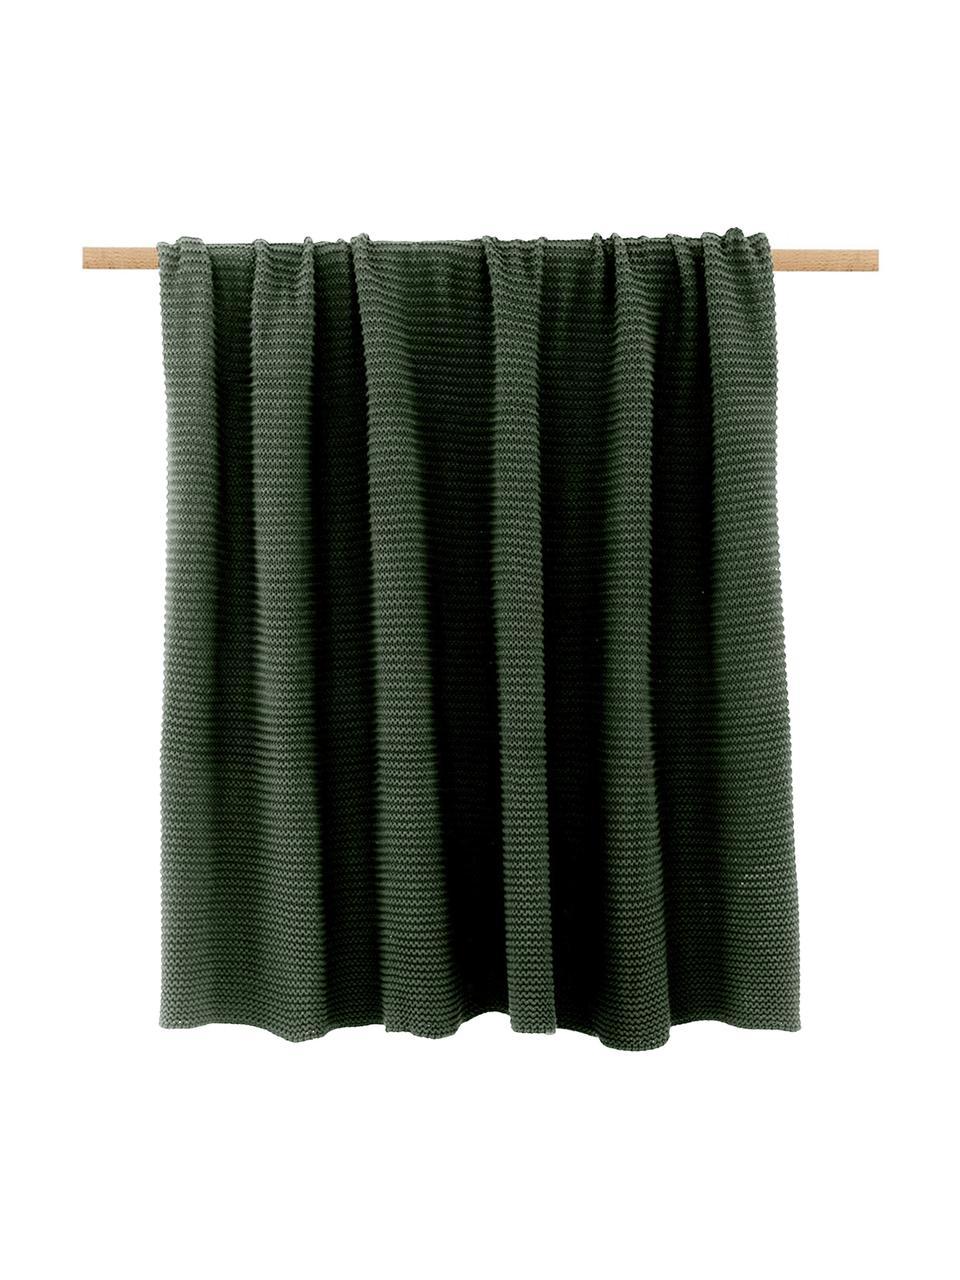 Dzianinowy koc z bawełny organicznej  Adalyn, 100% bawełna organiczna, certyfikat GOTS, Zielony, S 150 x D 200 cm